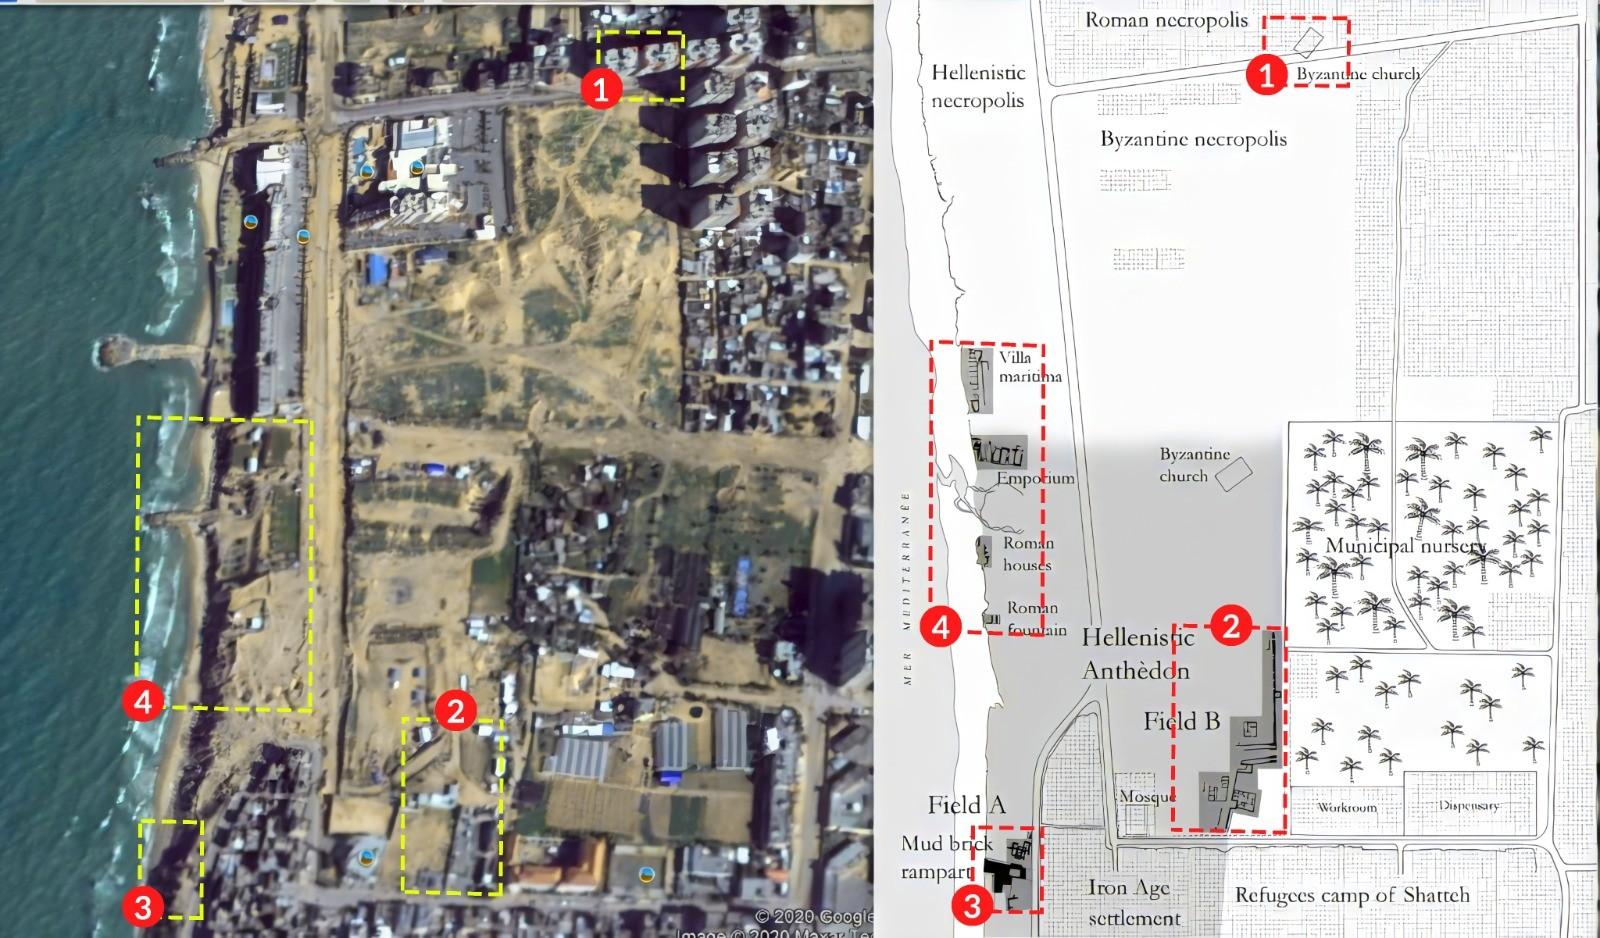 خريطة الاكتشافات الأثرية في الموقع وخريطة الموقع عبر جوجل تبين الانتهاكات بحق الموقع الأثري.jfif